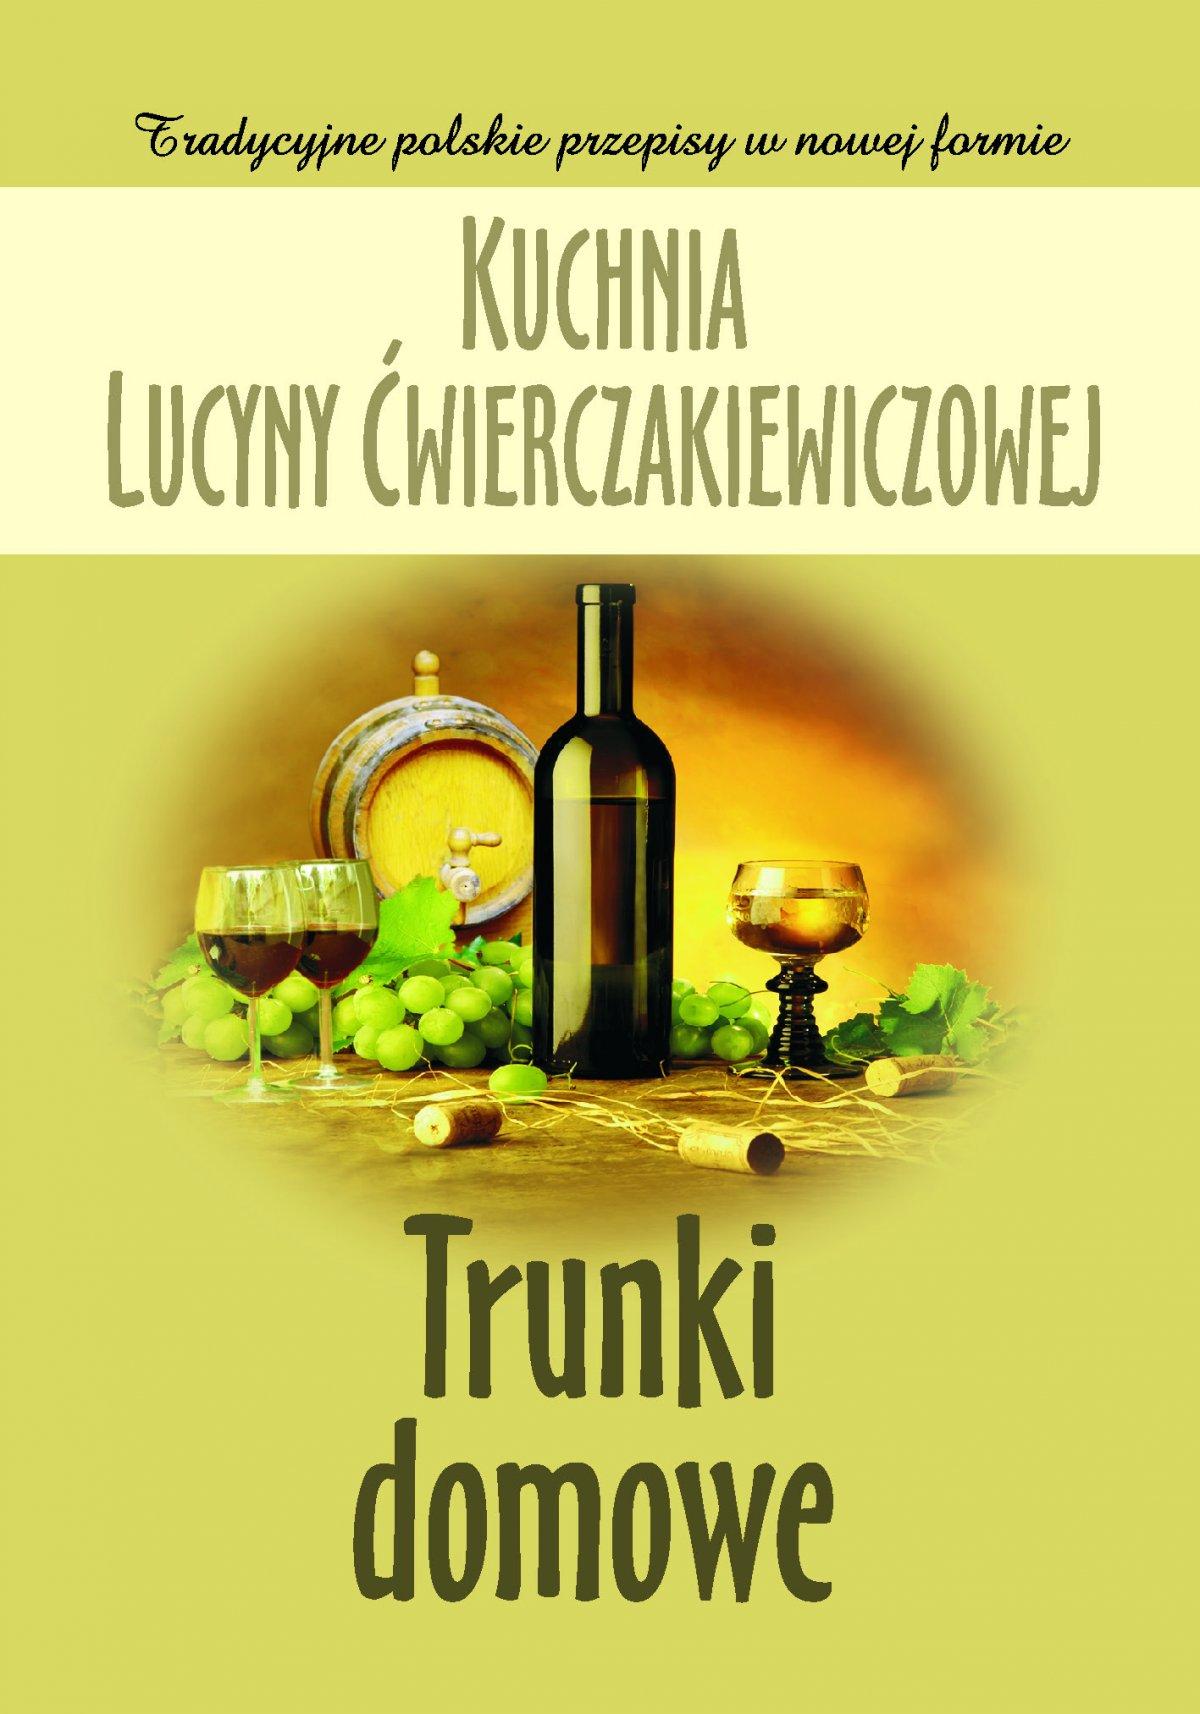 Kuchnia Lucyny Ćwierczakiewiczowej. Trunki domowe - Ebook (Książka na Kindle) do pobrania w formacie MOBI